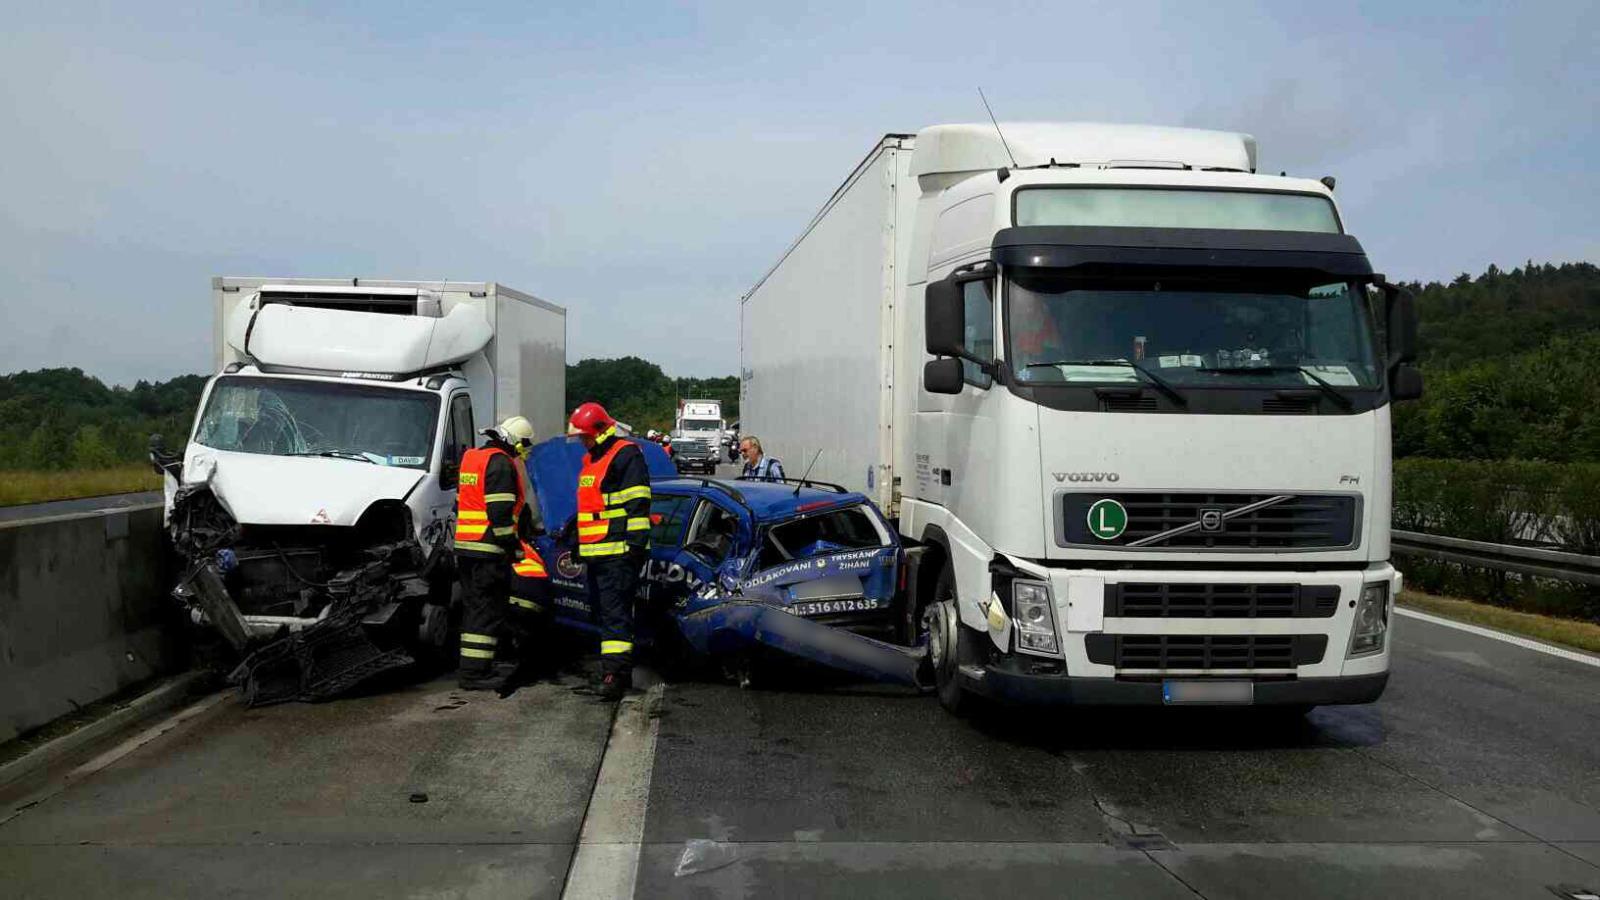 Hromadná nehoda na D35 u Dolního Újezdu